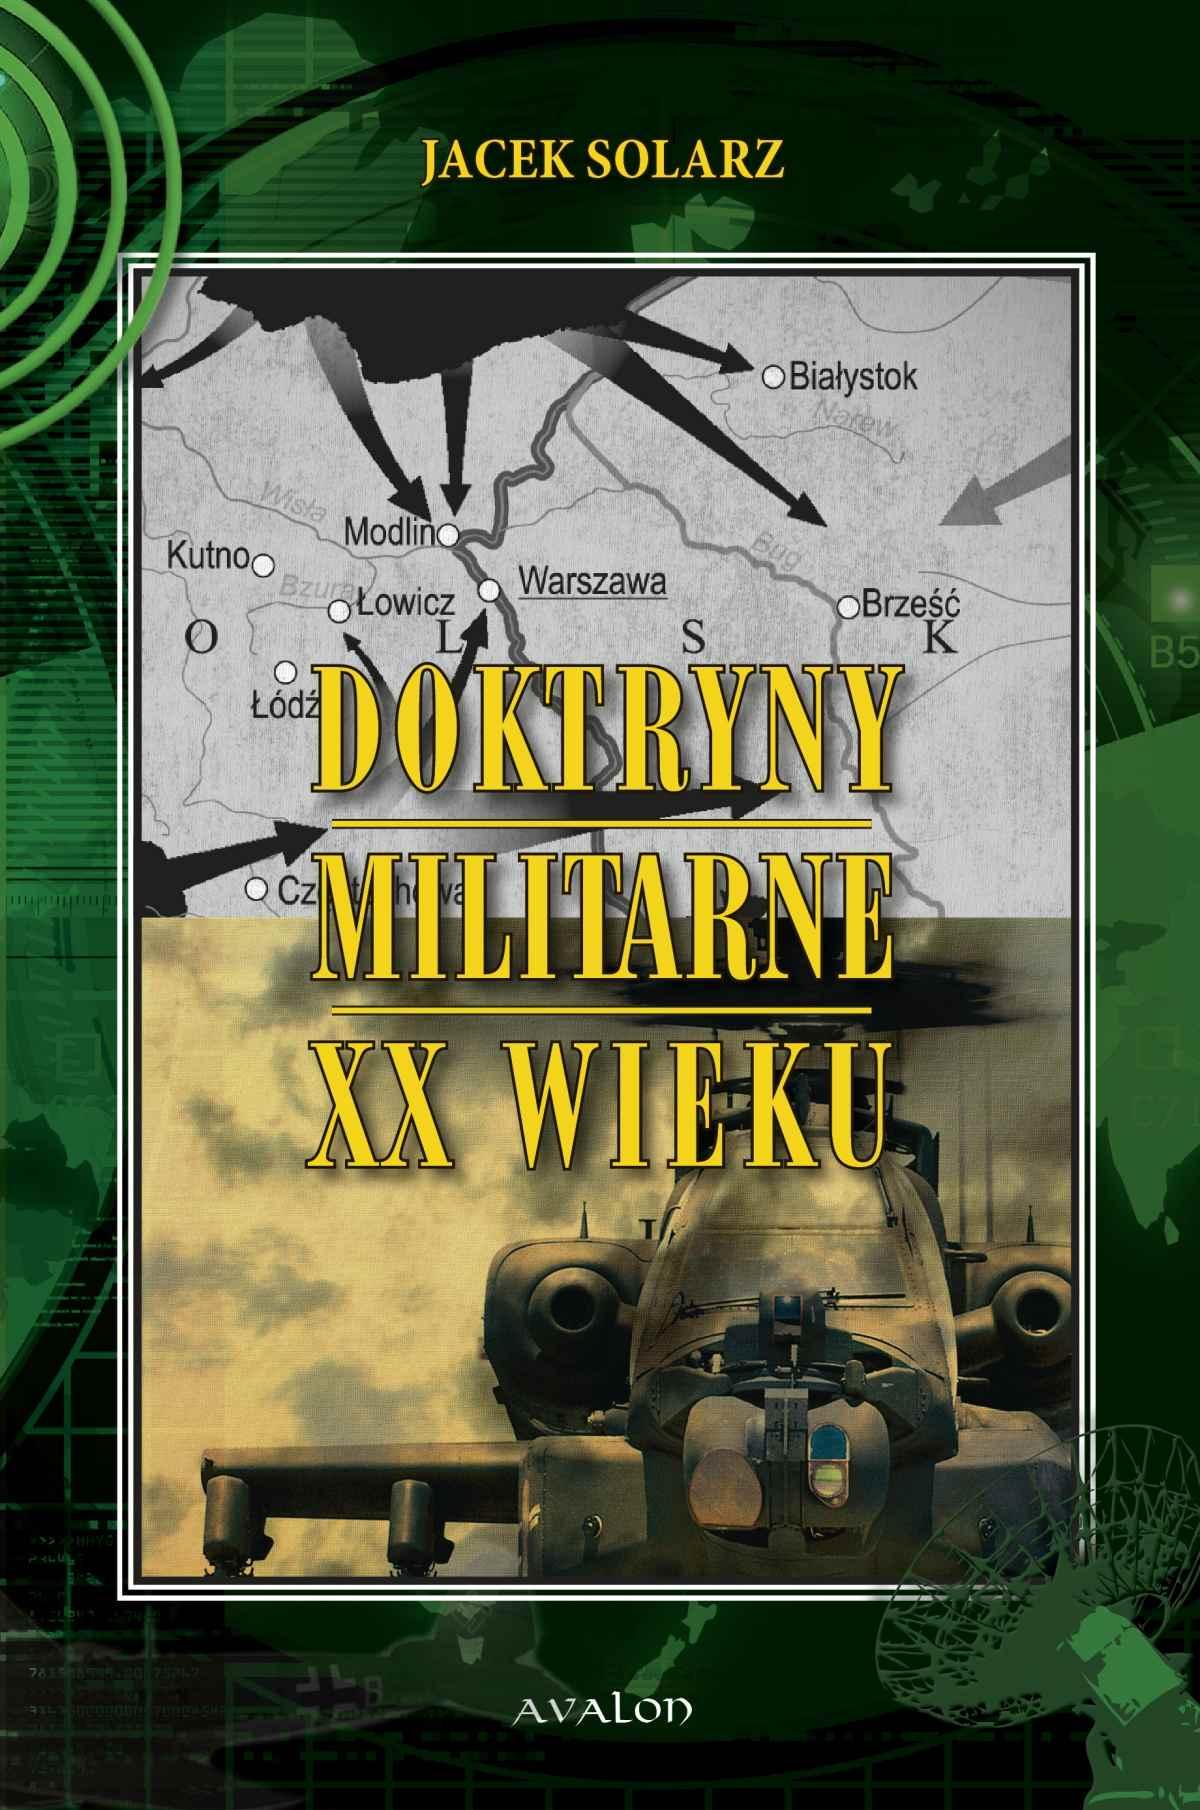 Doktryny militarne XX wieku - Ebook (Książka PDF) do pobrania w formacie PDF